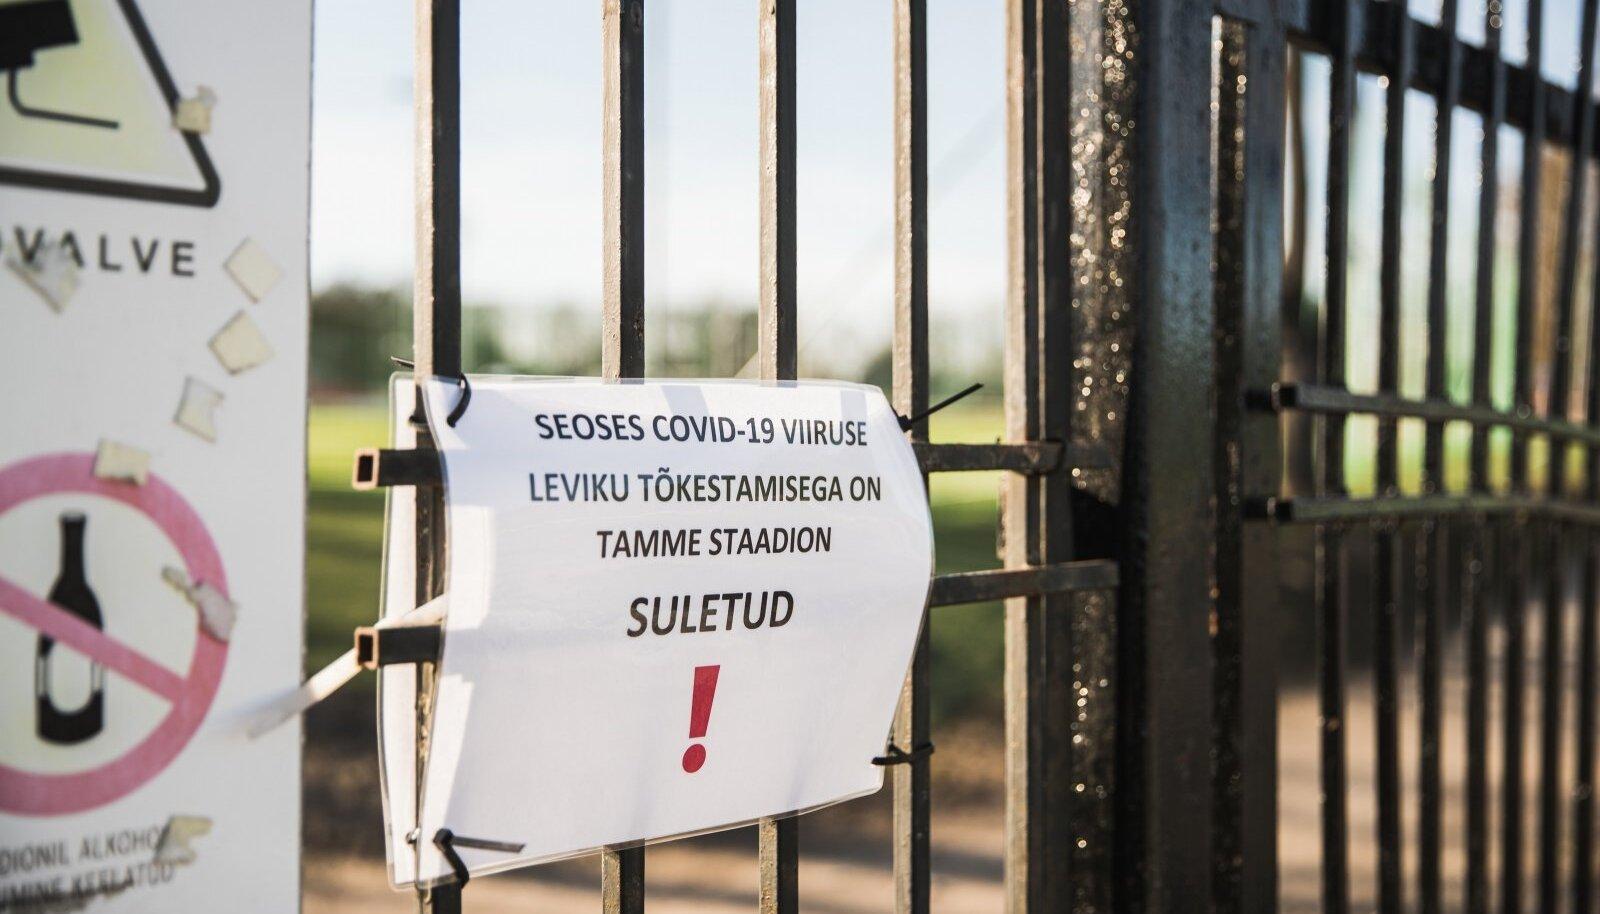 Tartus on isegi kergejõustikustaadionite väravad lukustatud, mis on täielik ülereageerimine.